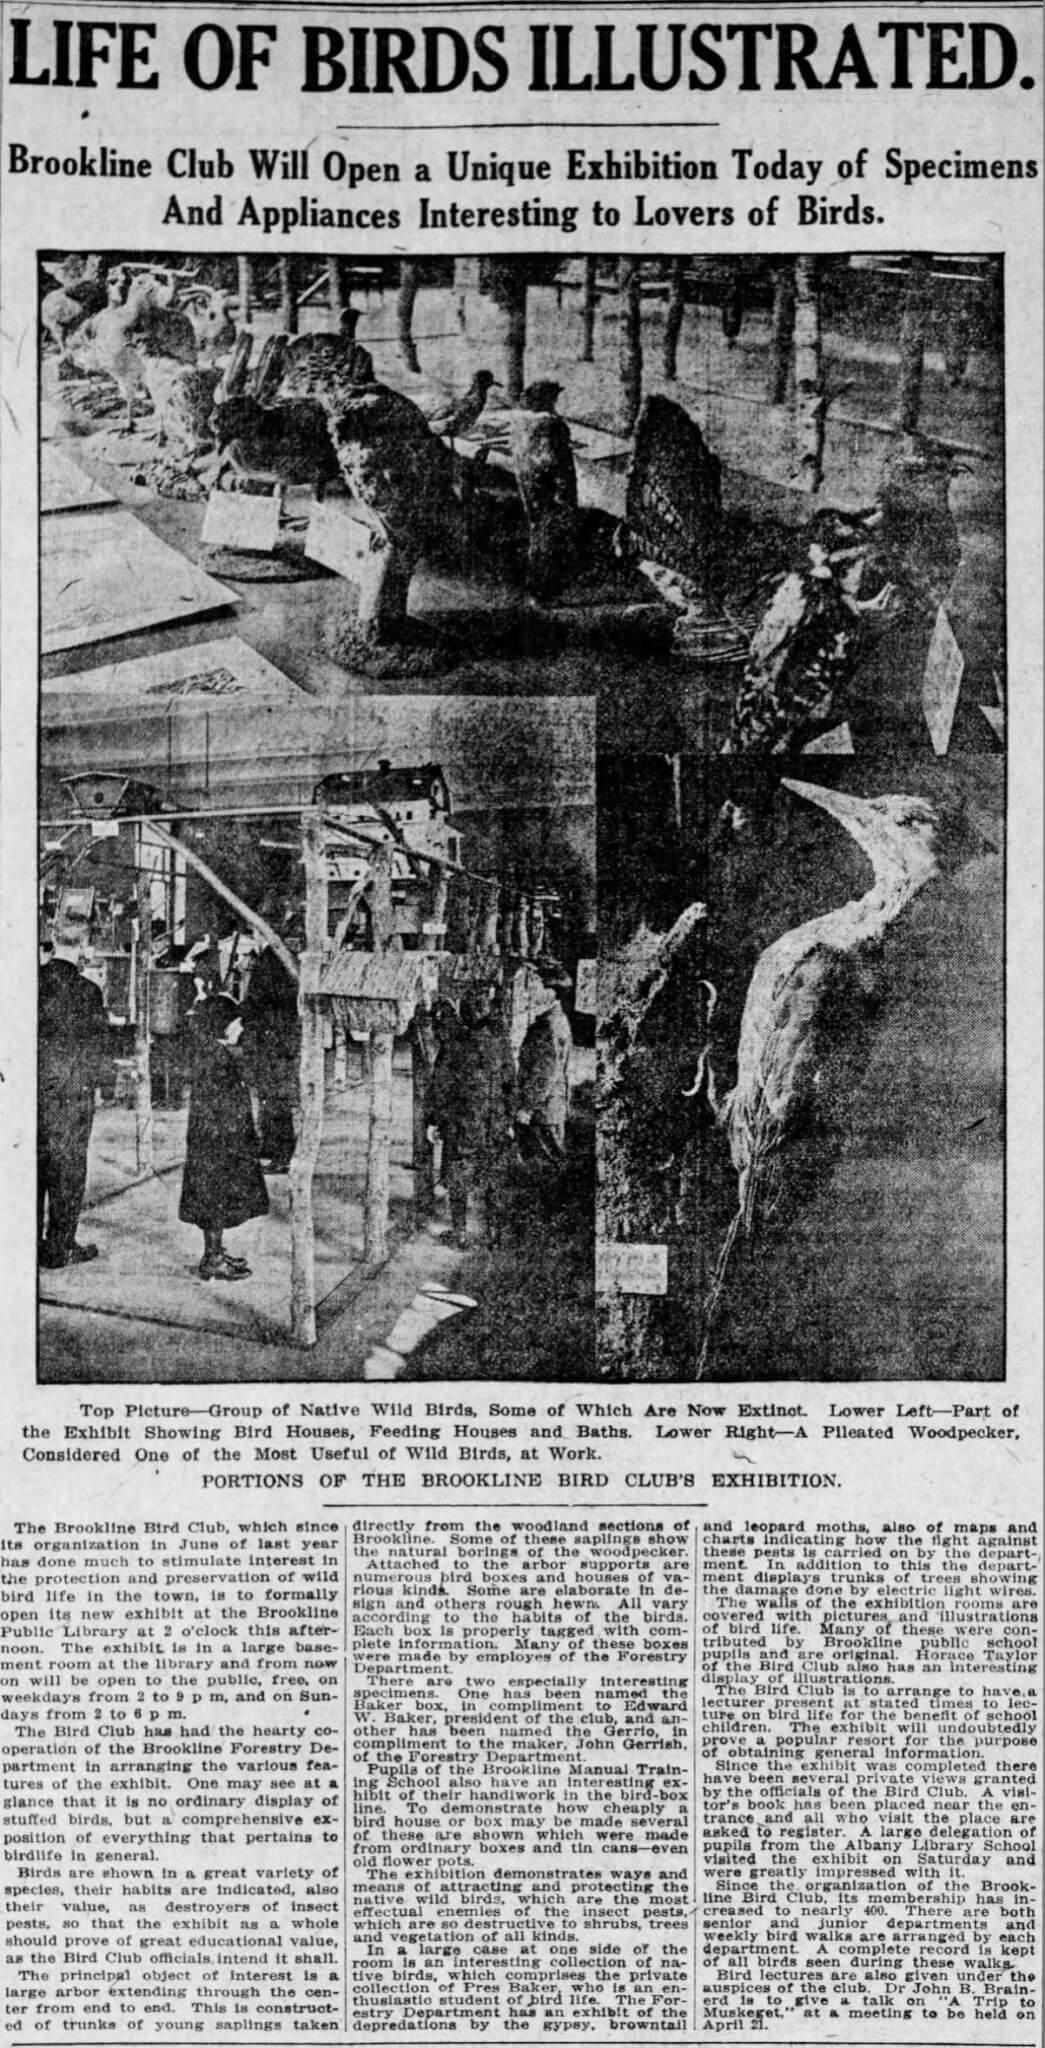 Boston Globe April 6, 1914